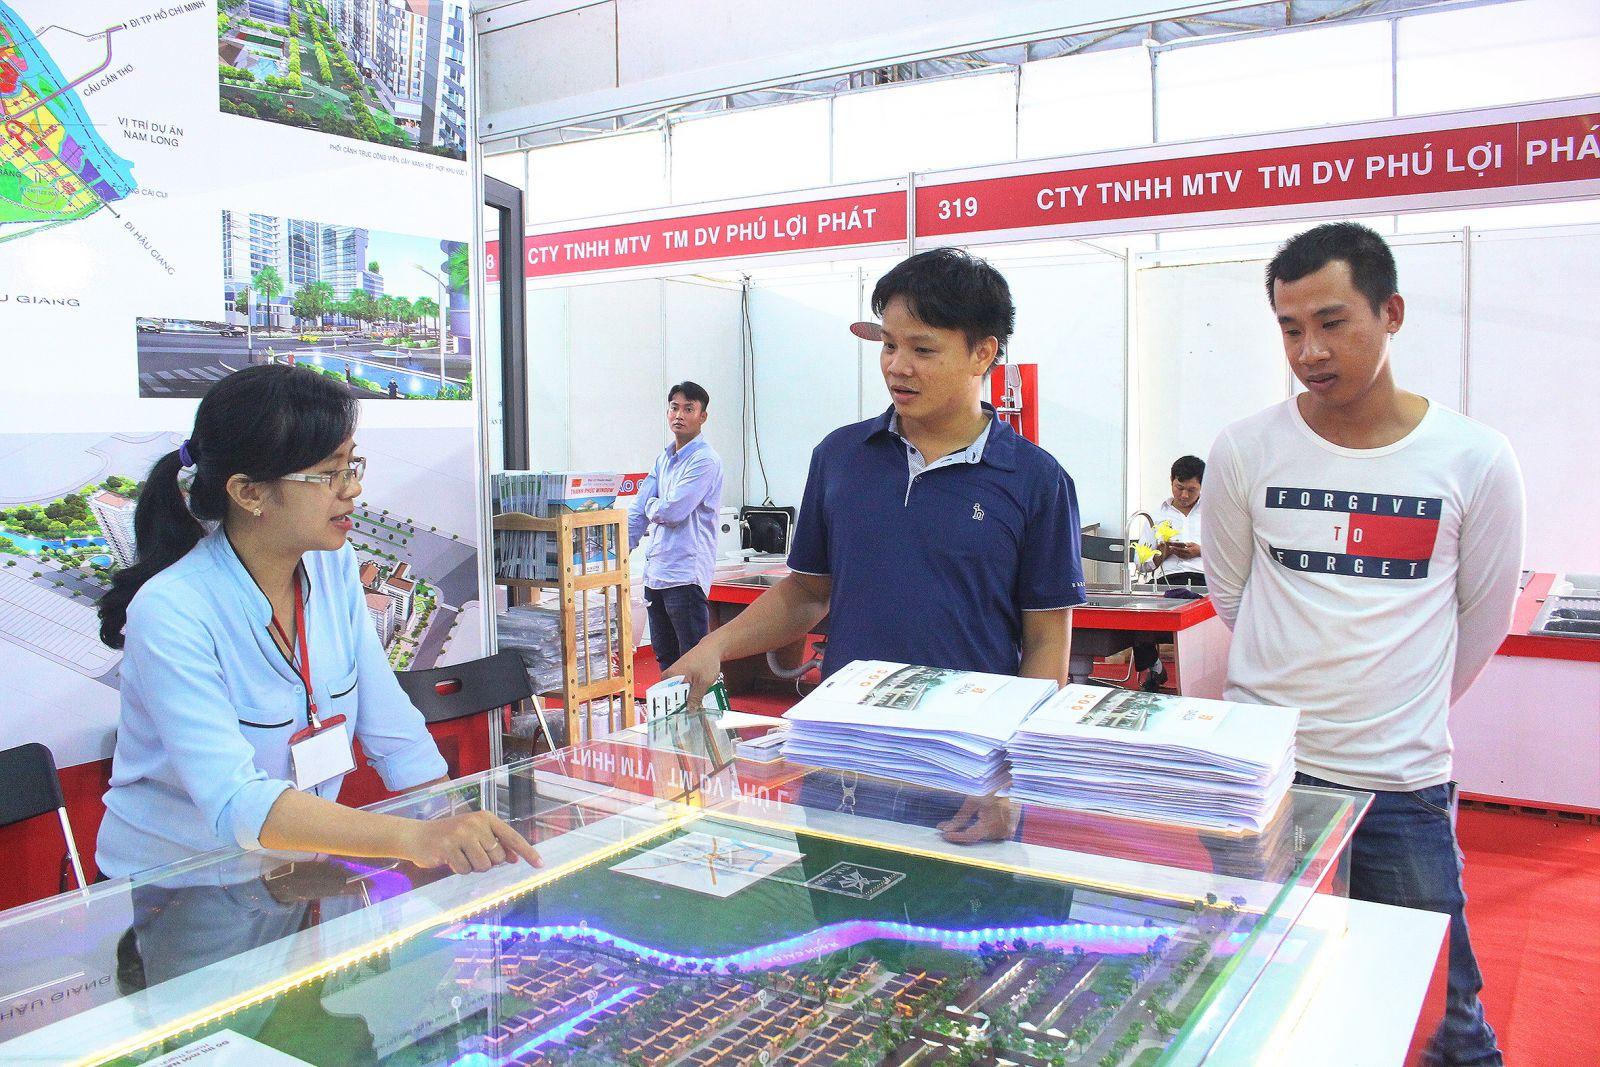 Khách hàng tham quan khu vực giới thiệu sản phẩm bất động sản của Công ty Cổ phần Đầu tư Nam Long tại Triển lãm Quốc tế Vietbuild Cần Thơ 2017.